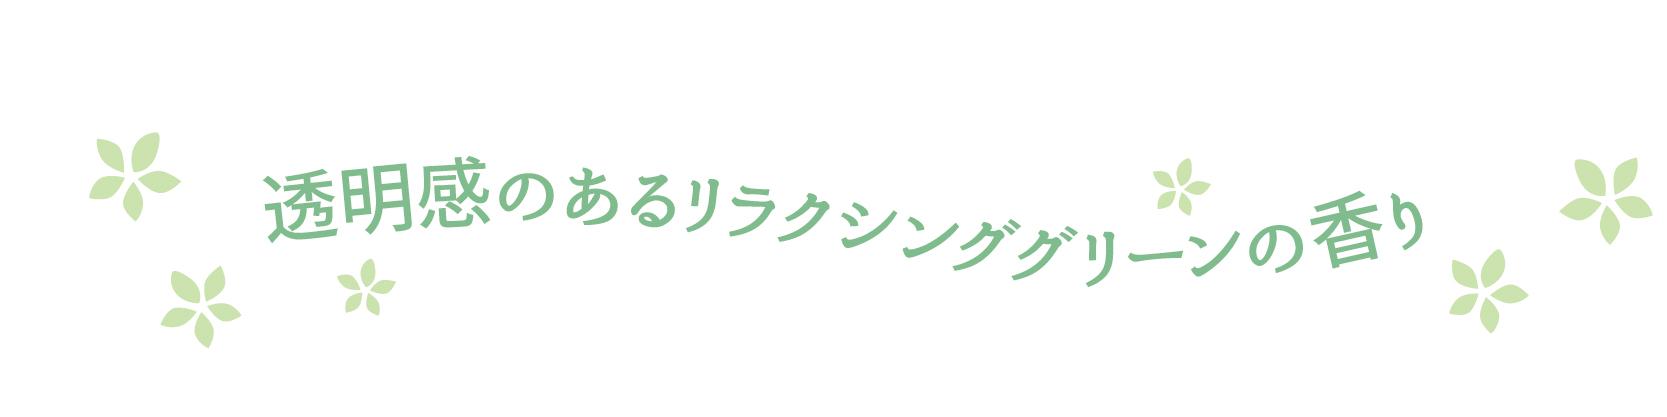 ポレファム-透明感のあるリラクシンググリーンの香り